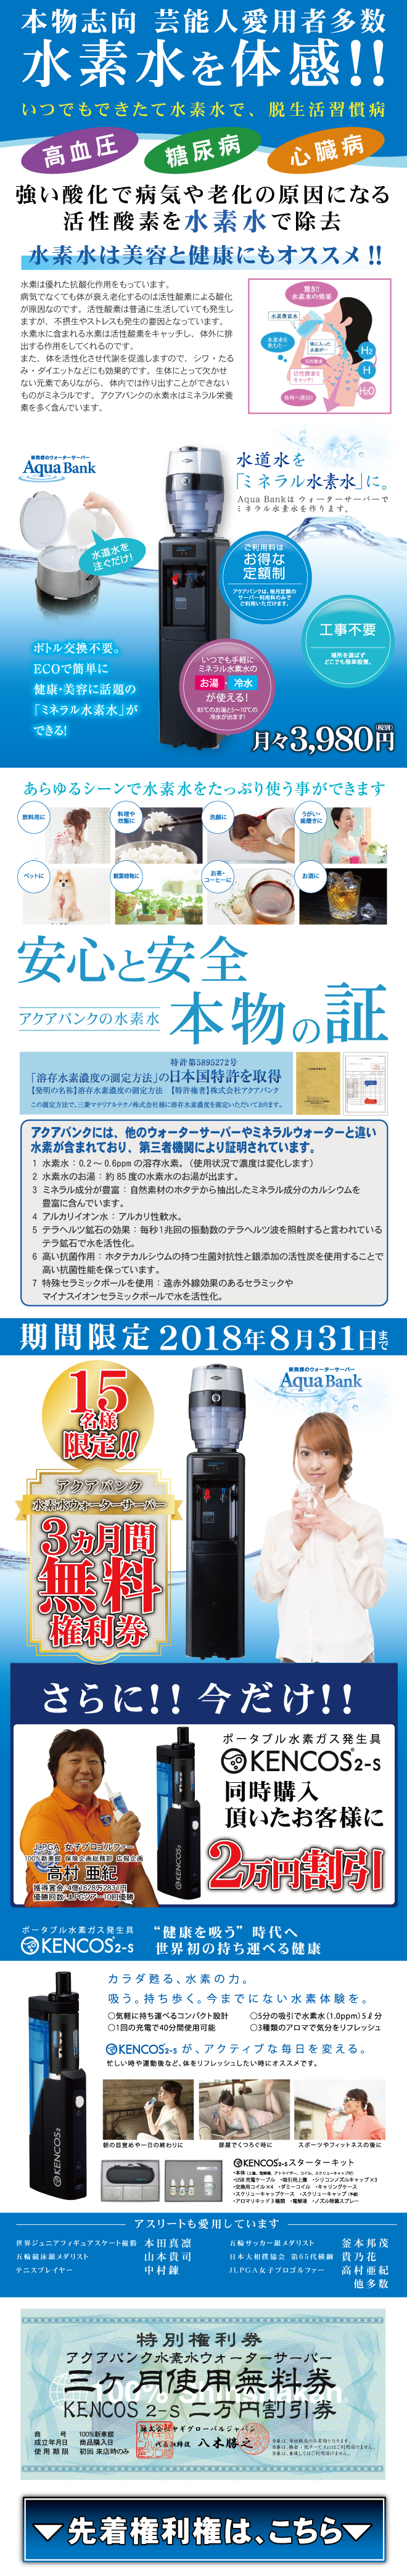 アクアバンク水素水ウォーターサーバー3ヶ月無料/ケンコス同時購入2万円割引権利券